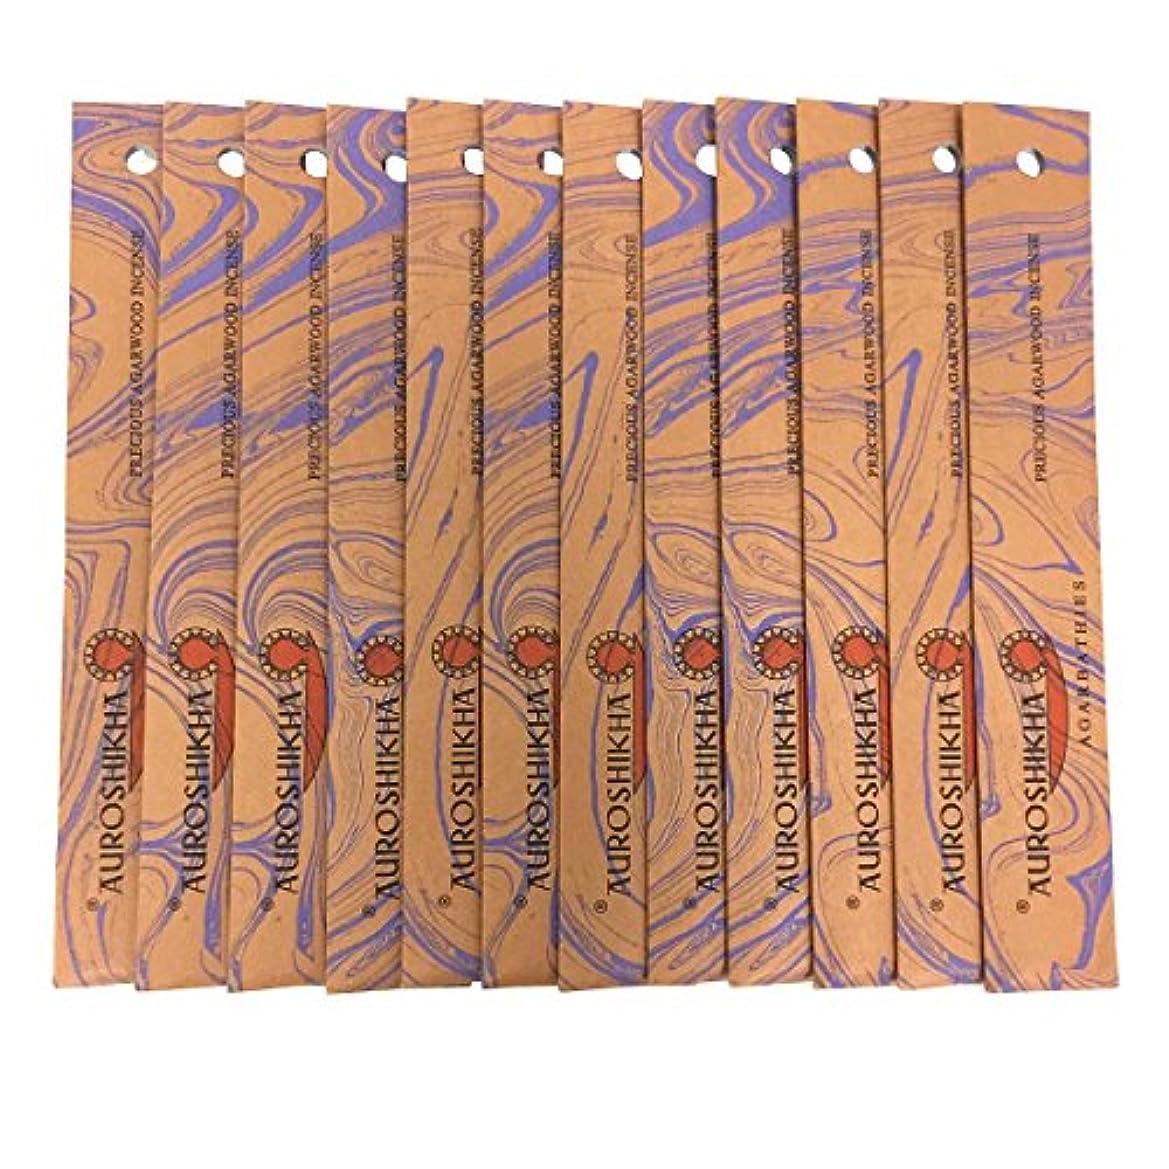 事件、出来事取り出すそれぞれAUROSHIKHA オウロシカ(PRECIOUSAGARWOODプレシャスアガーウッド12個セット) マーブルパッケージスティック 送料無料